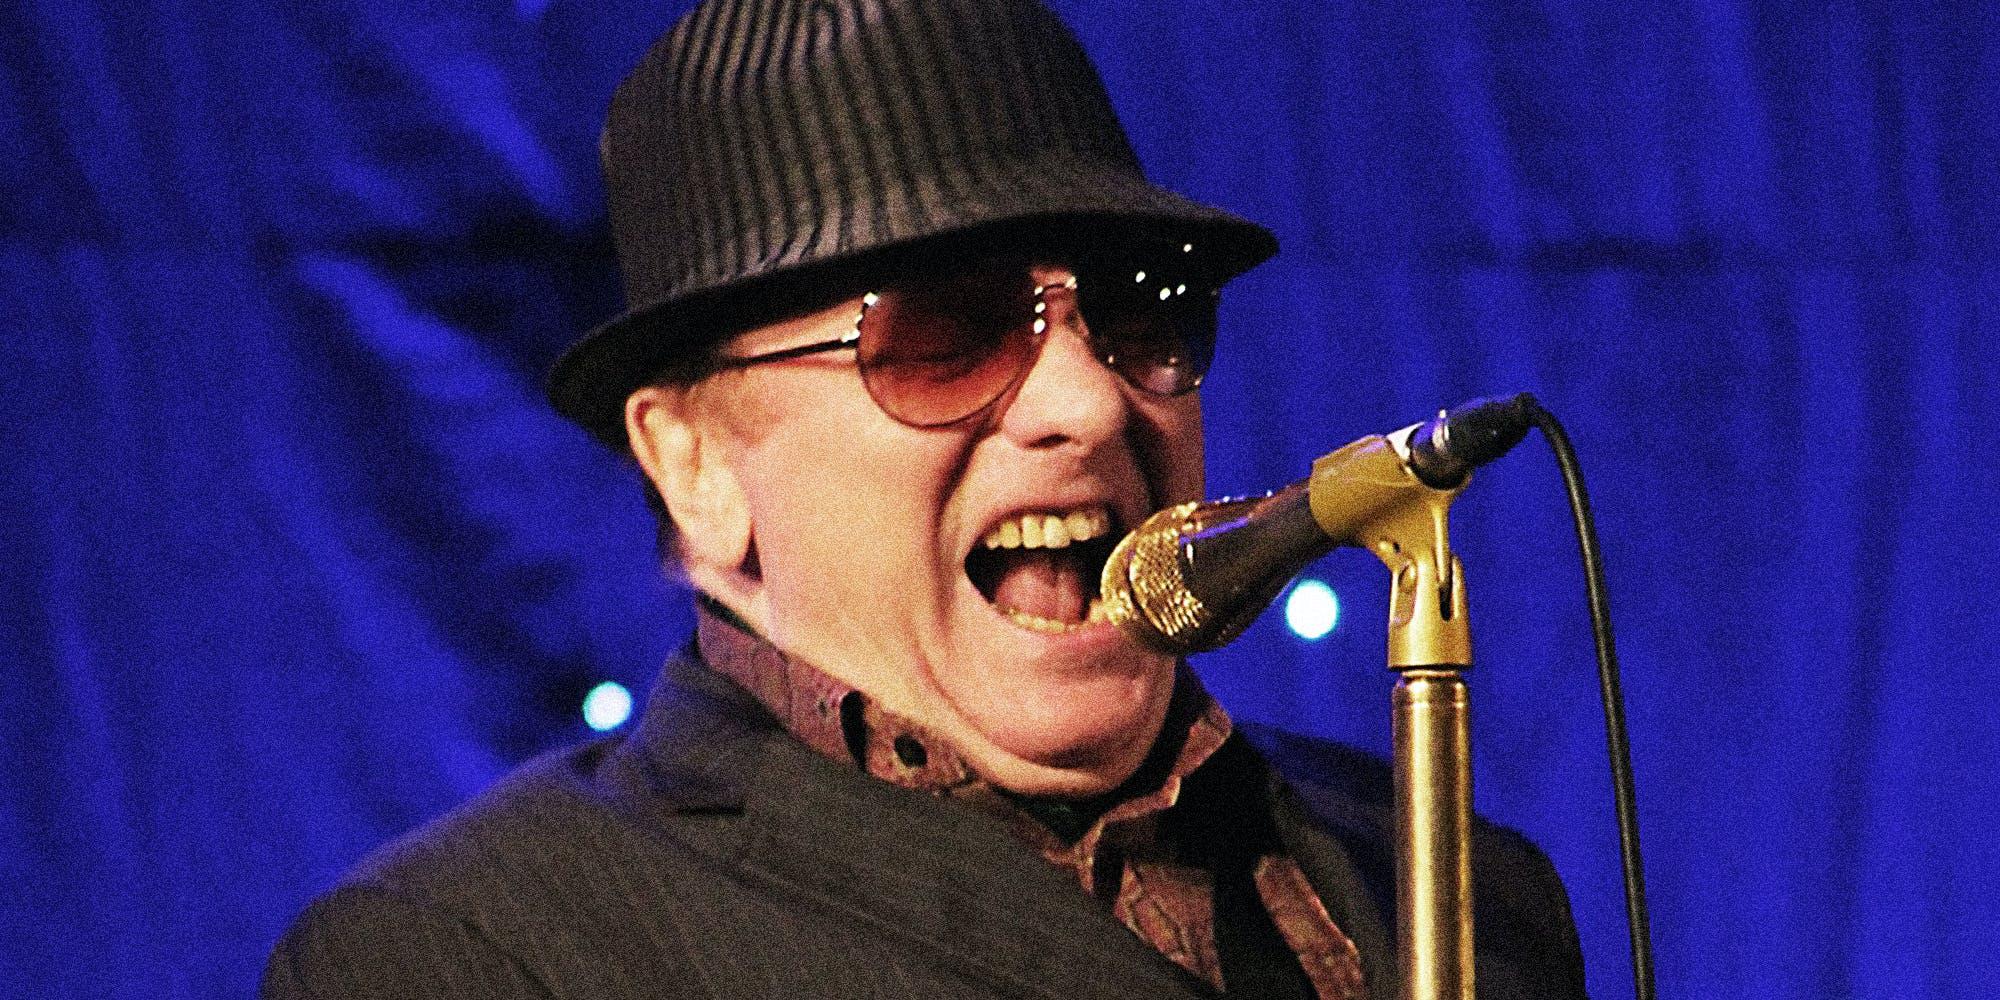 Van Morrison singing.